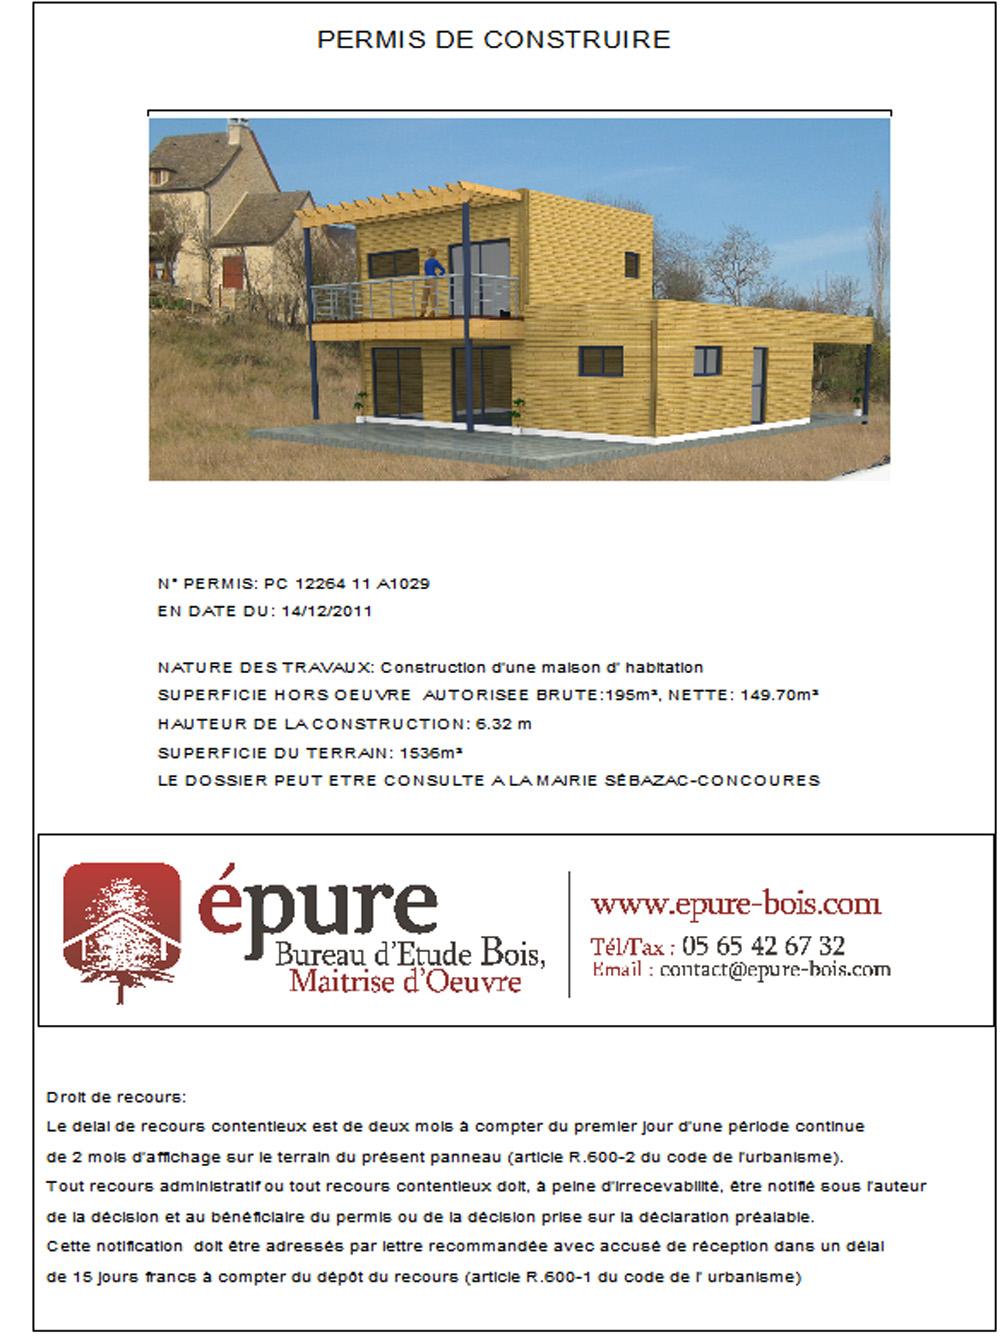 maison ossature bois concoures epure bois. Black Bedroom Furniture Sets. Home Design Ideas